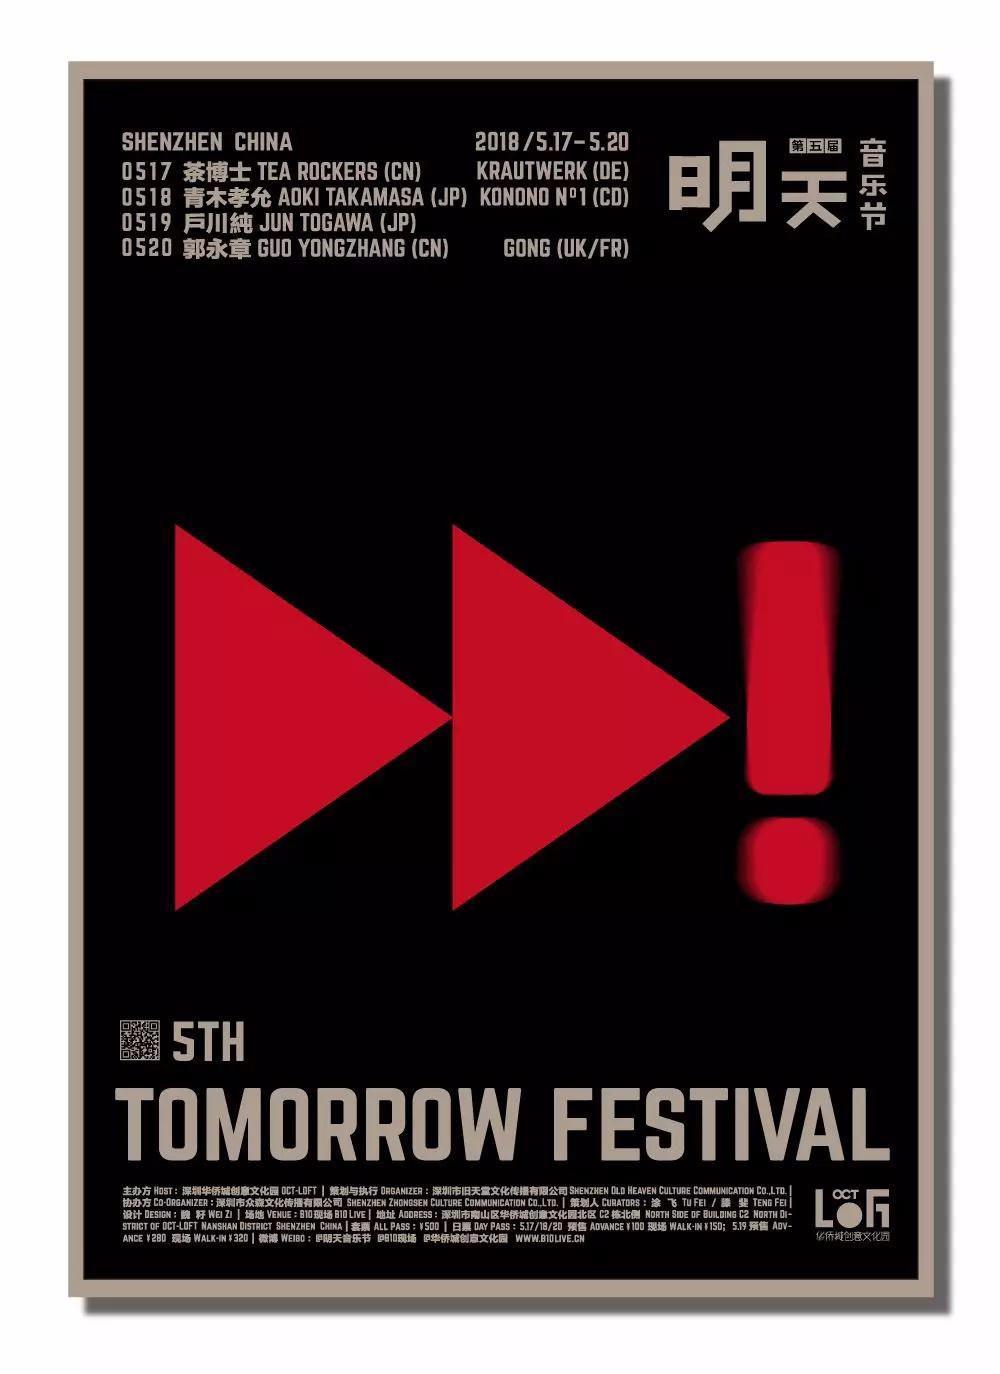 第五届明天音乐节平面设计欣赏